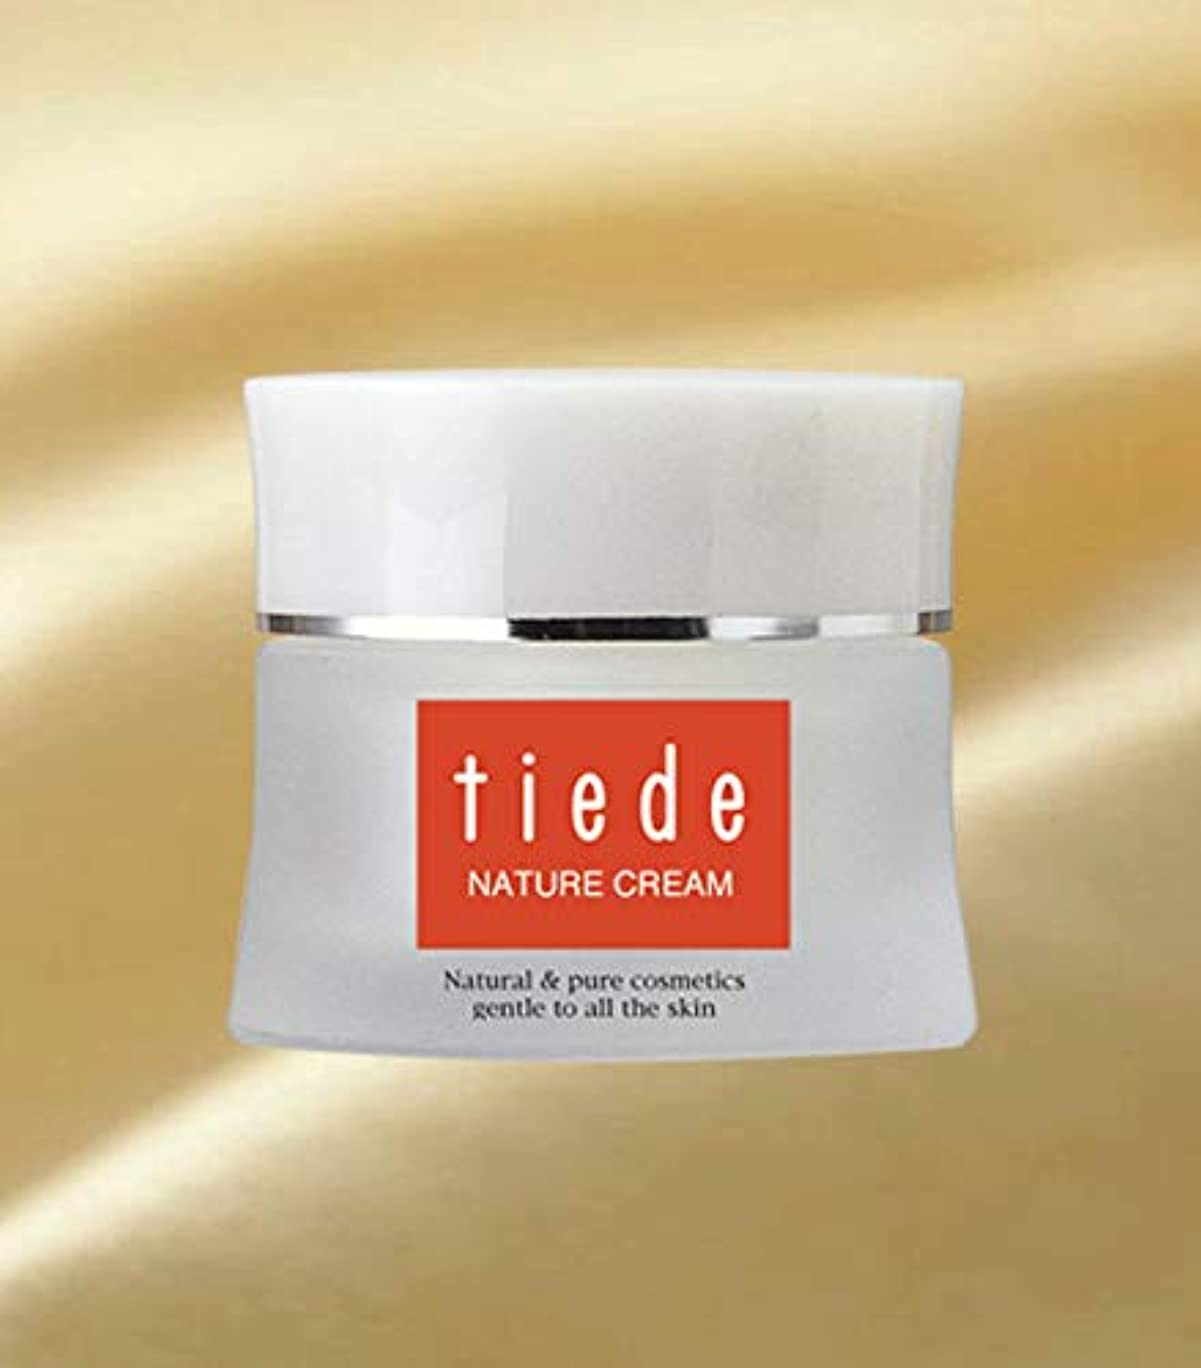 要件タオル動力学ティエード ナテュール クリーム(40g) Tiede Natural Cream